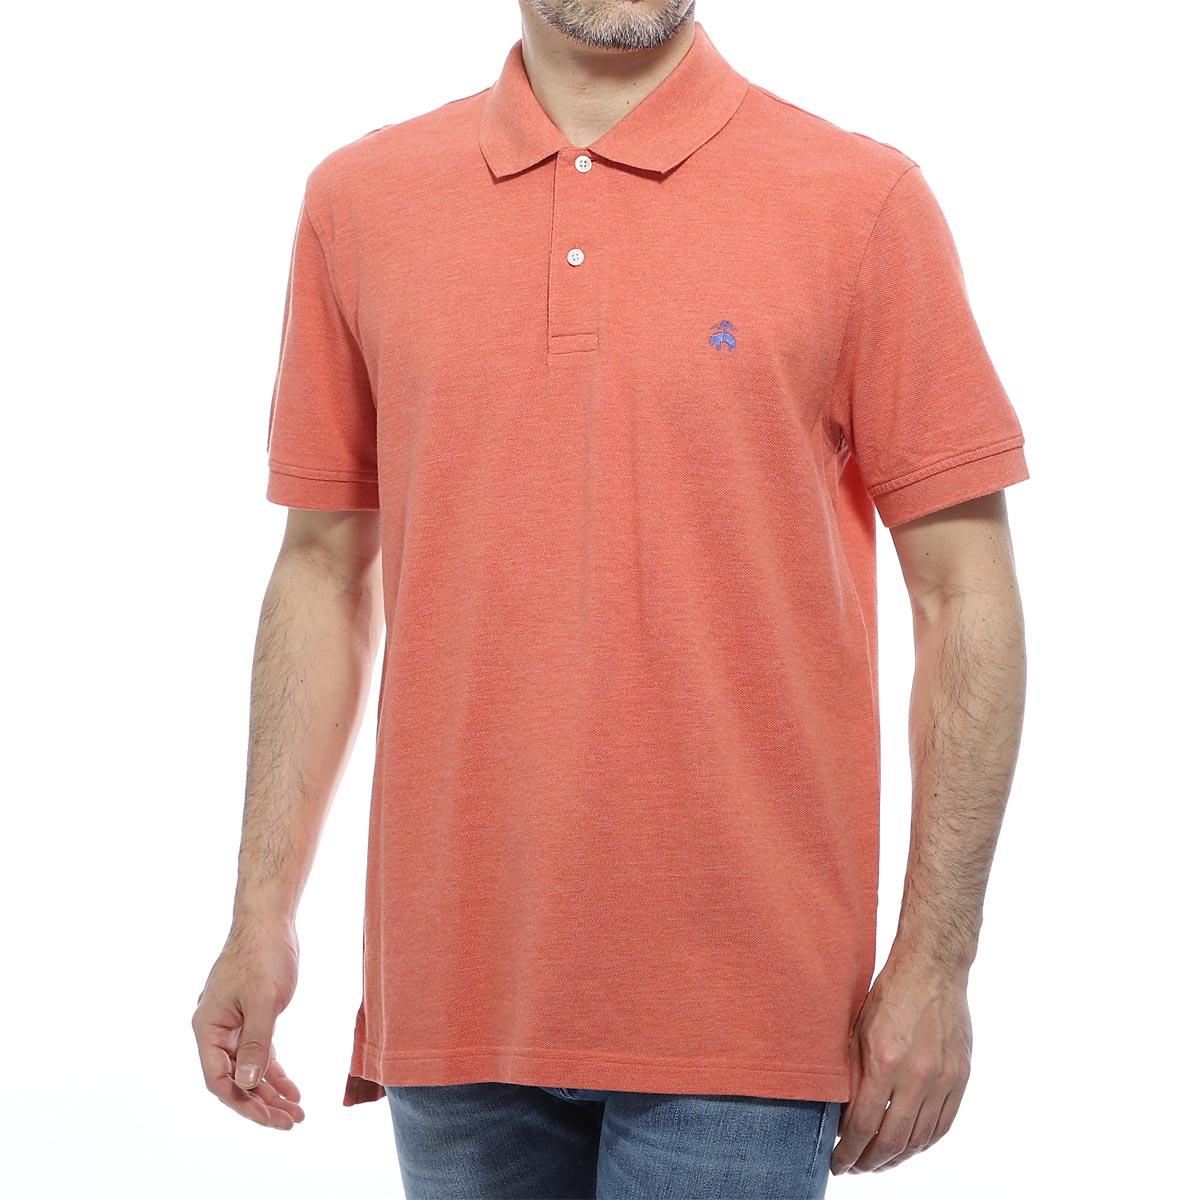 ブルックスブラザーズ Brooks Brothers ポロシャツ オレンジ メンズ 100137080 GF SUPIMA COTTON PIQUE PAFORMANCE POLO SHIRTS【あす楽対応_関東】【返品送料無料】【ラッピング無料】